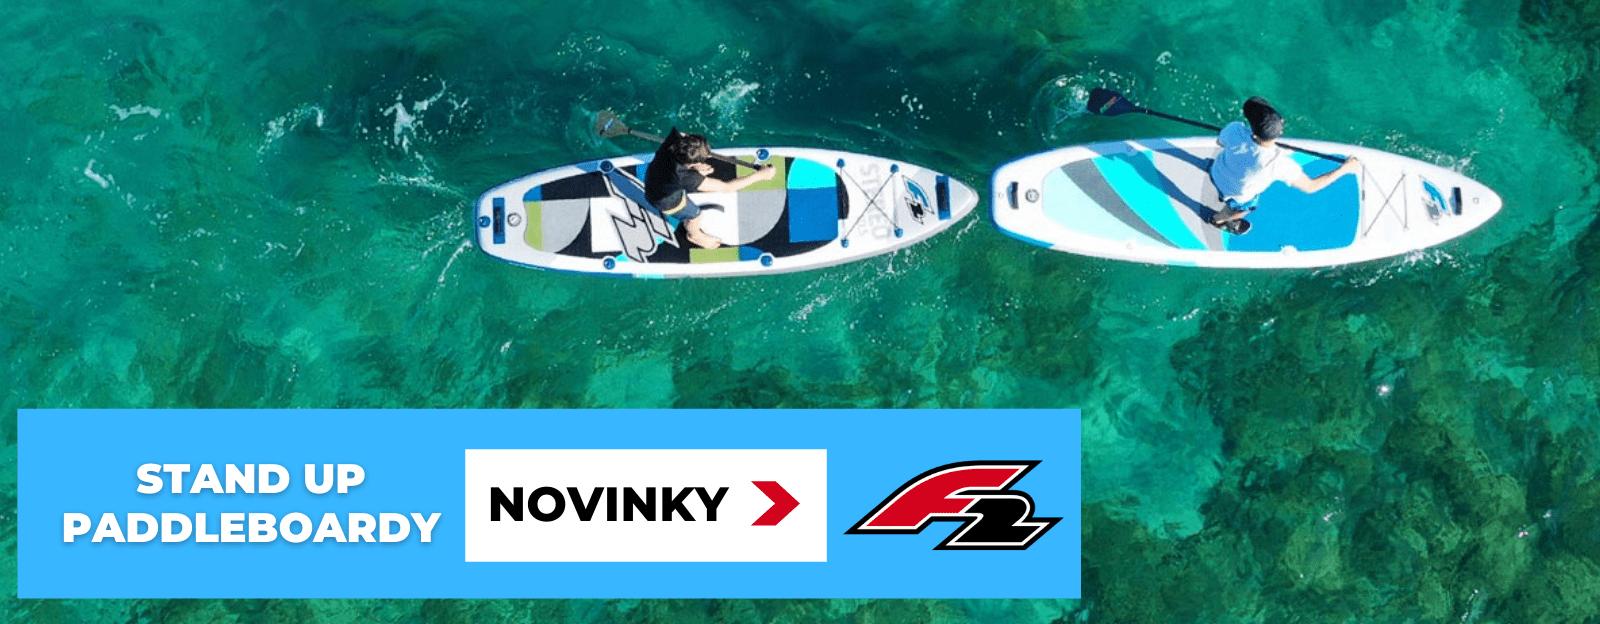 stand up paddleboardy F2 novinky